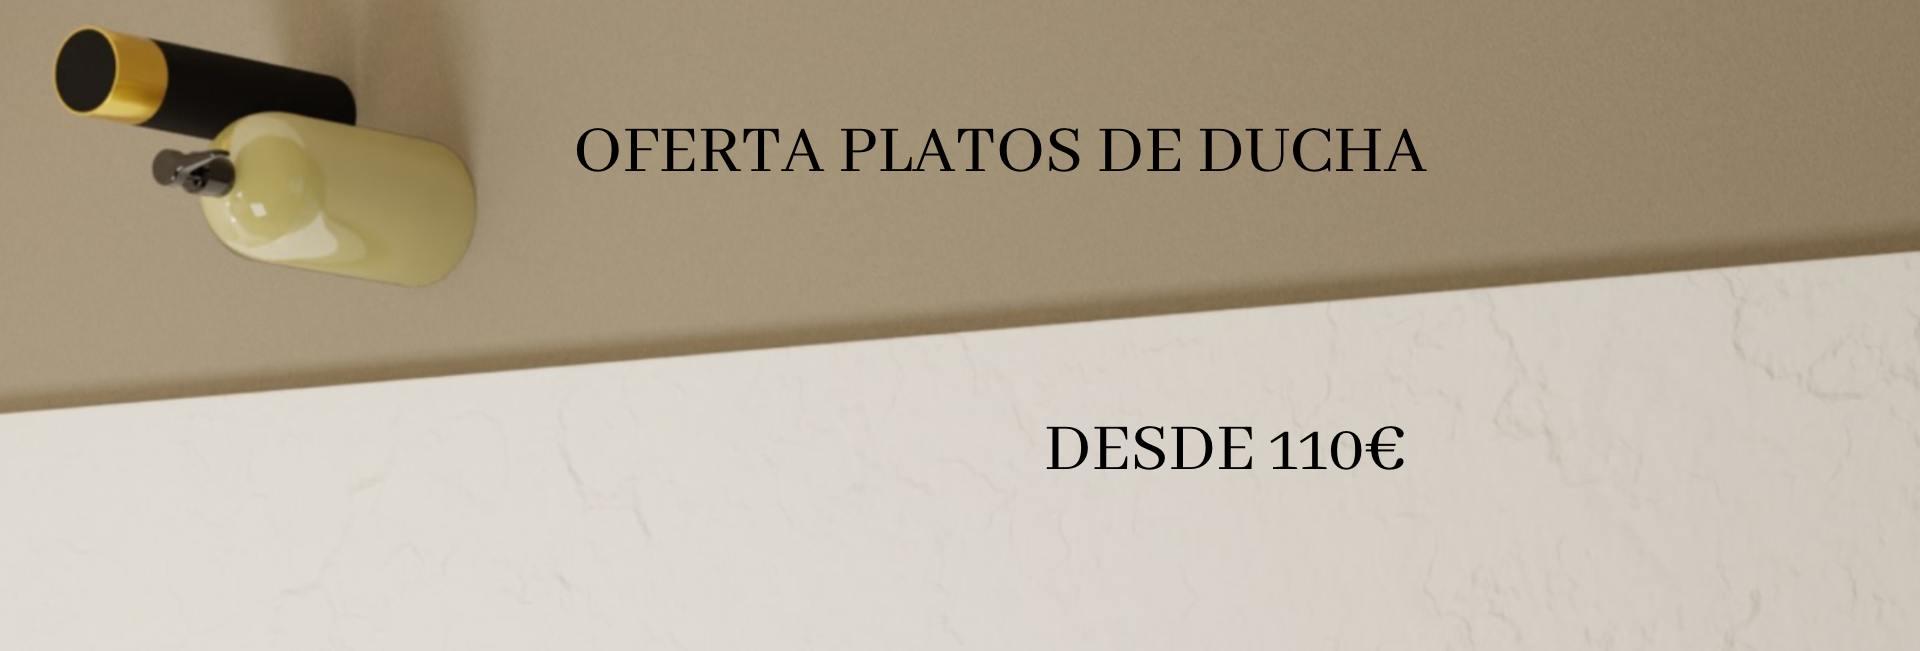 SLIDER OFERTA PLATO DUCHA